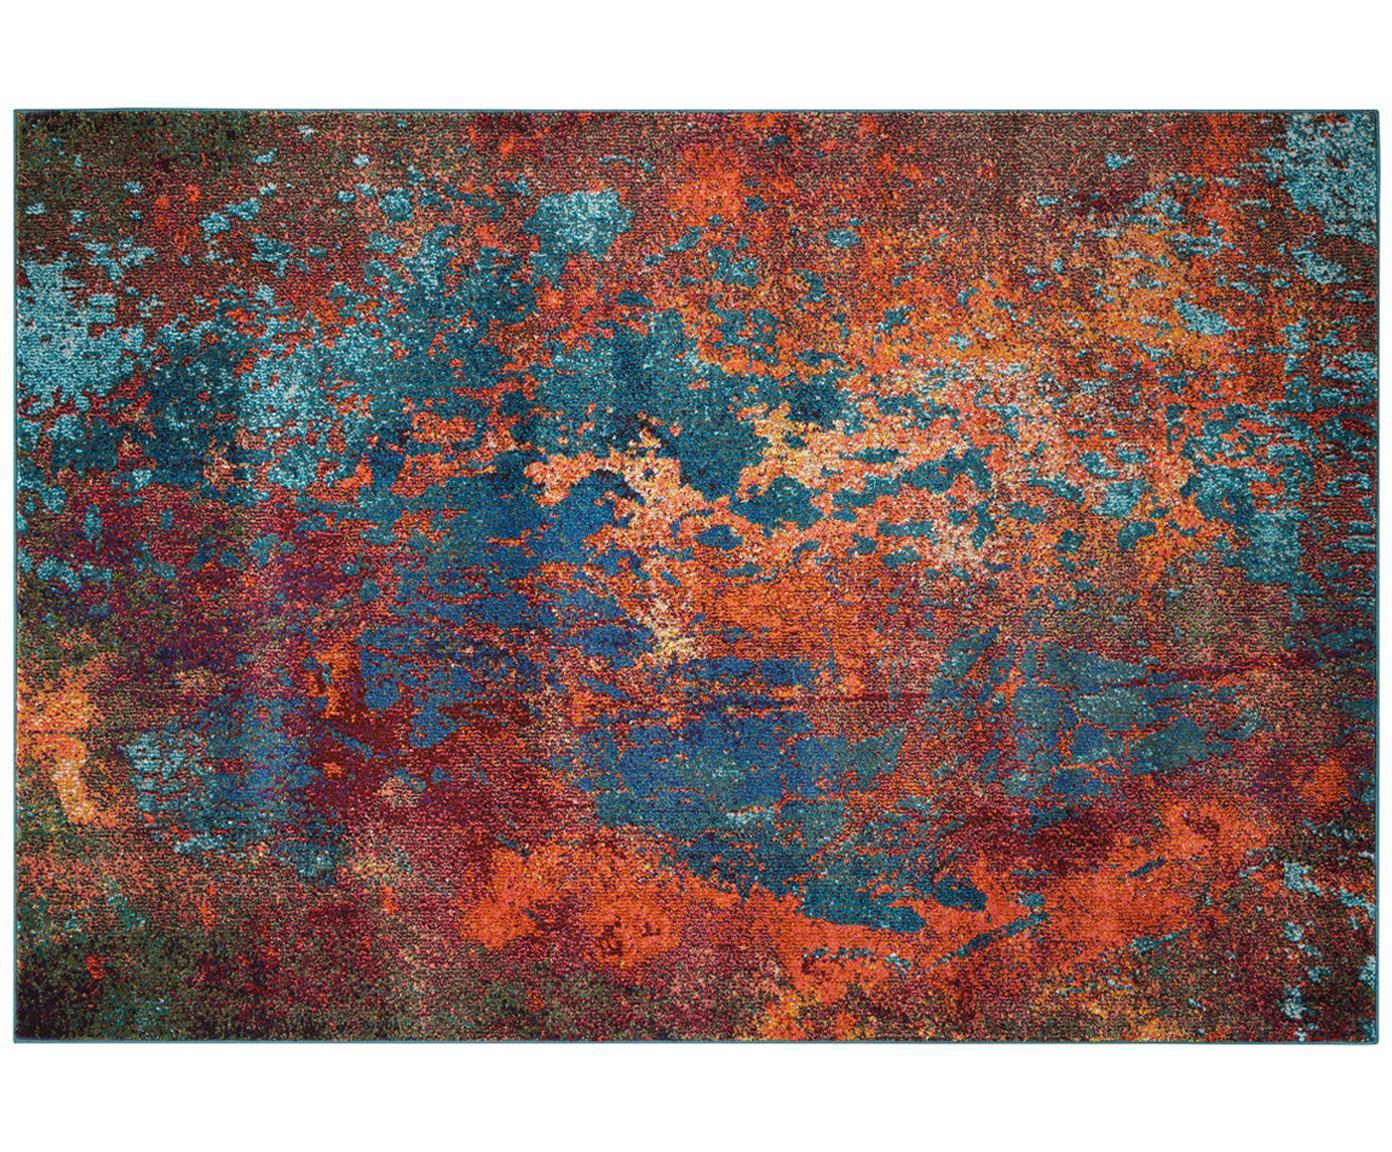 Dywan Celestial, Odcienie czerwonego, odcienie niebieskiego, zielony, S 160 x D 220 cm (Rozmiar M)